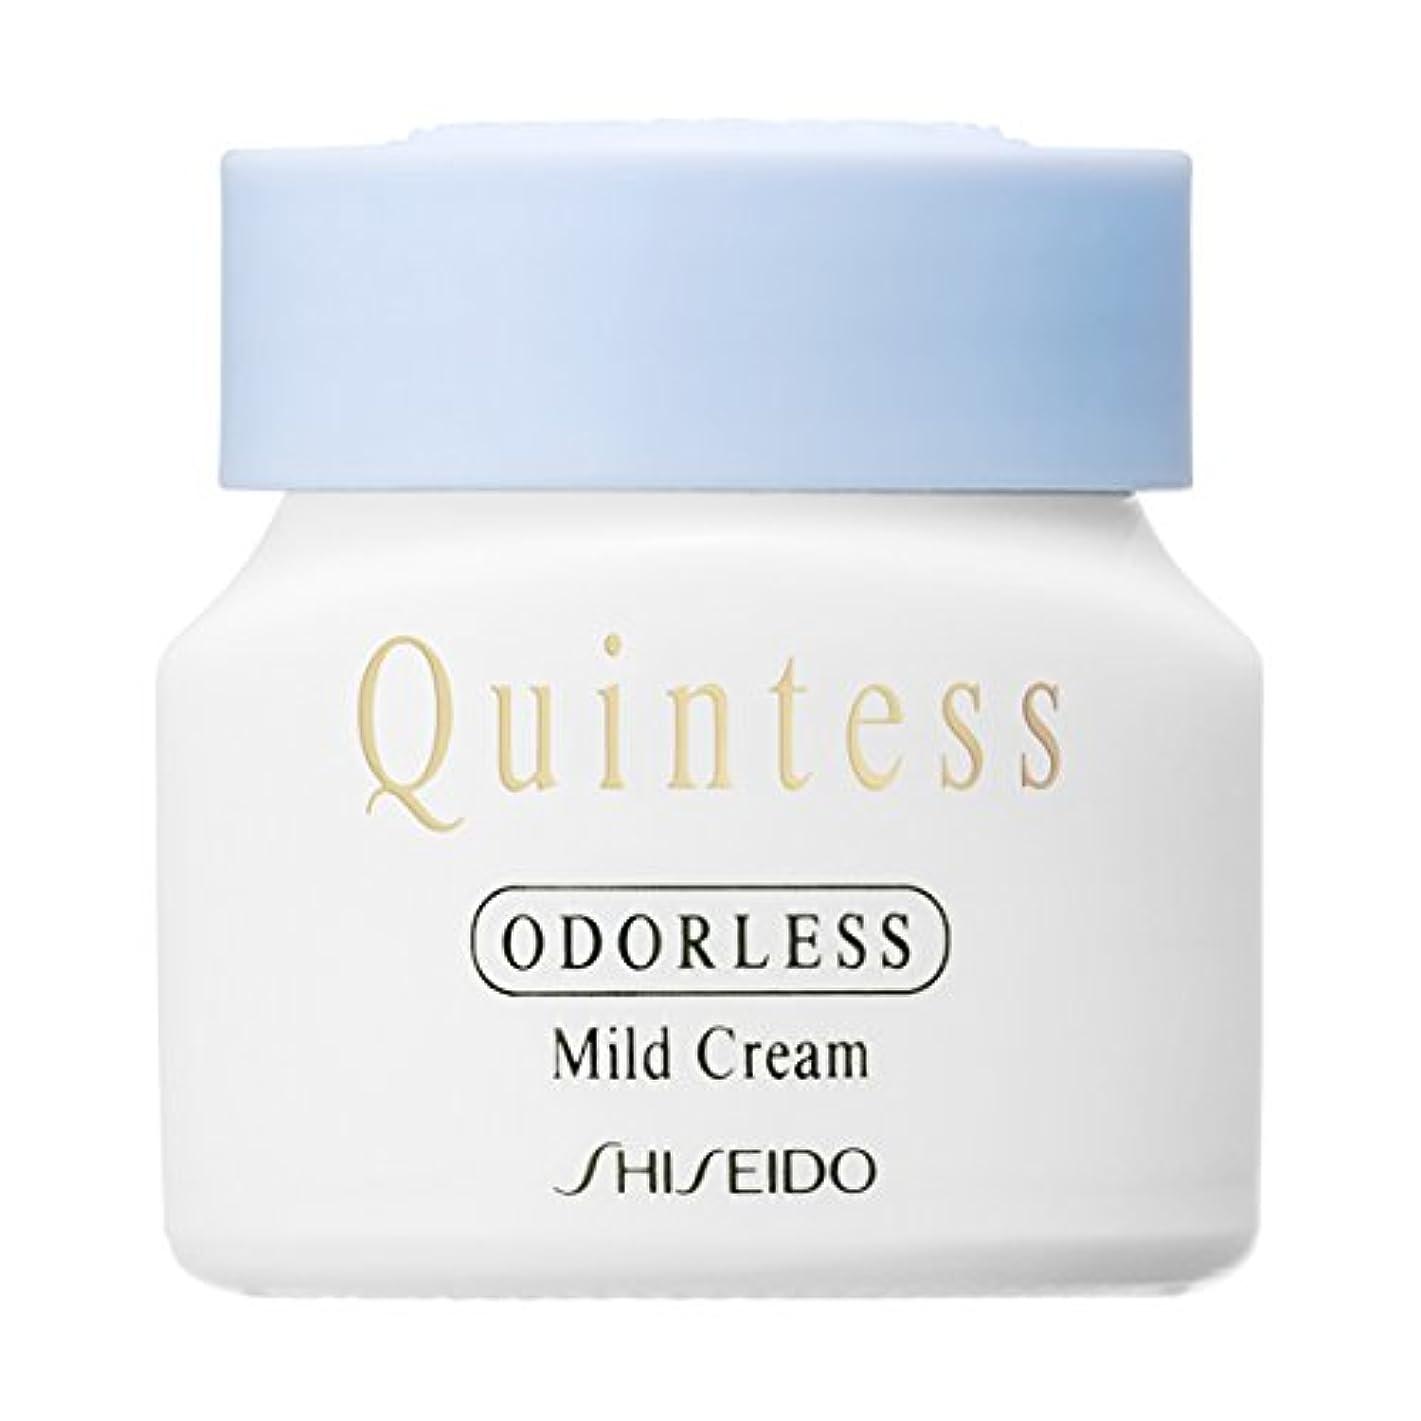 囲む謎めいた区別クインテス オーダレス マイルドクリーム 30g